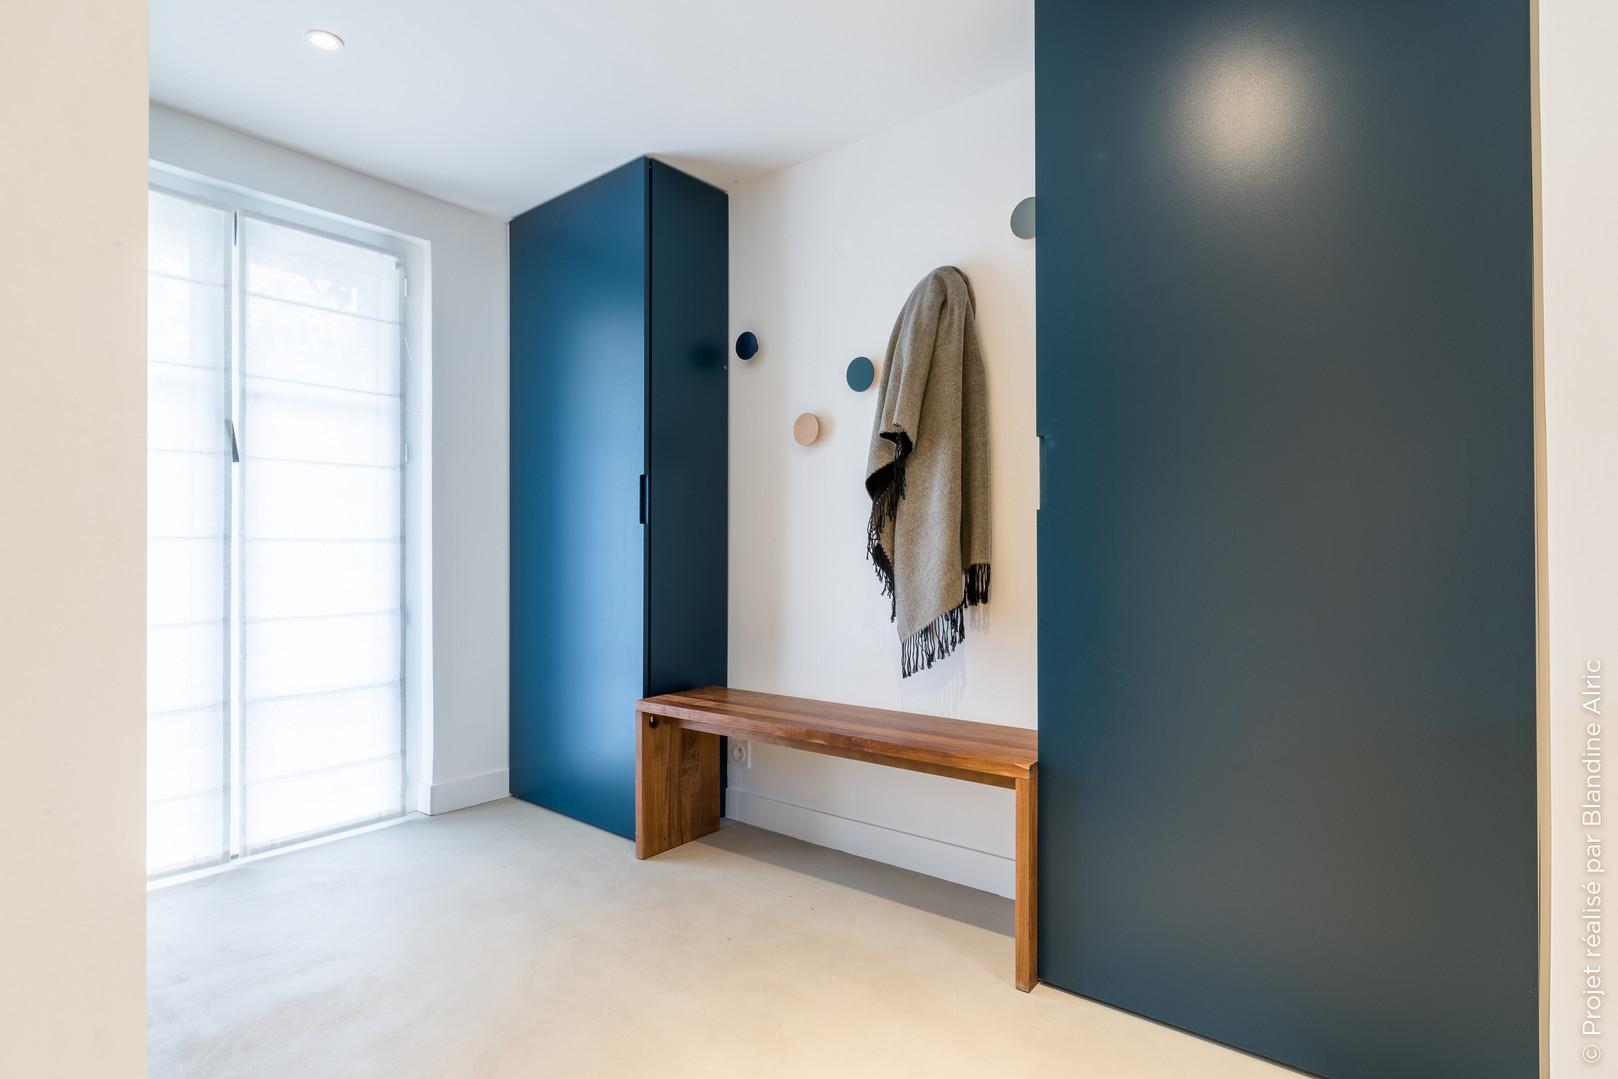 2_Parisot_7_2017-11-22-Maison Bougival B